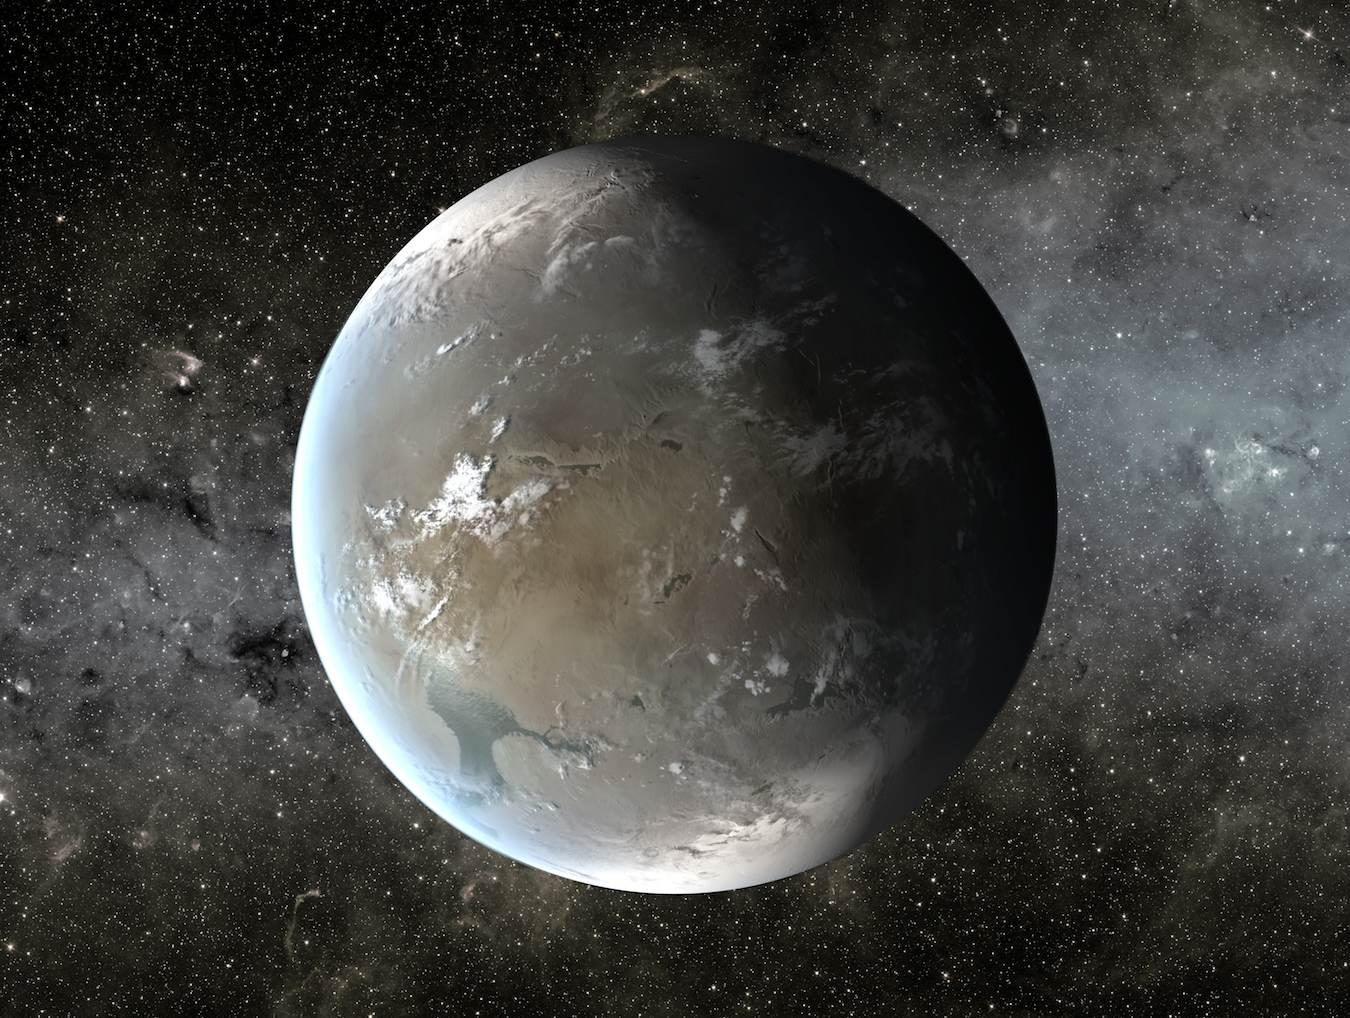 Artist's concept of Kepler-62f. Image Credit: NASA